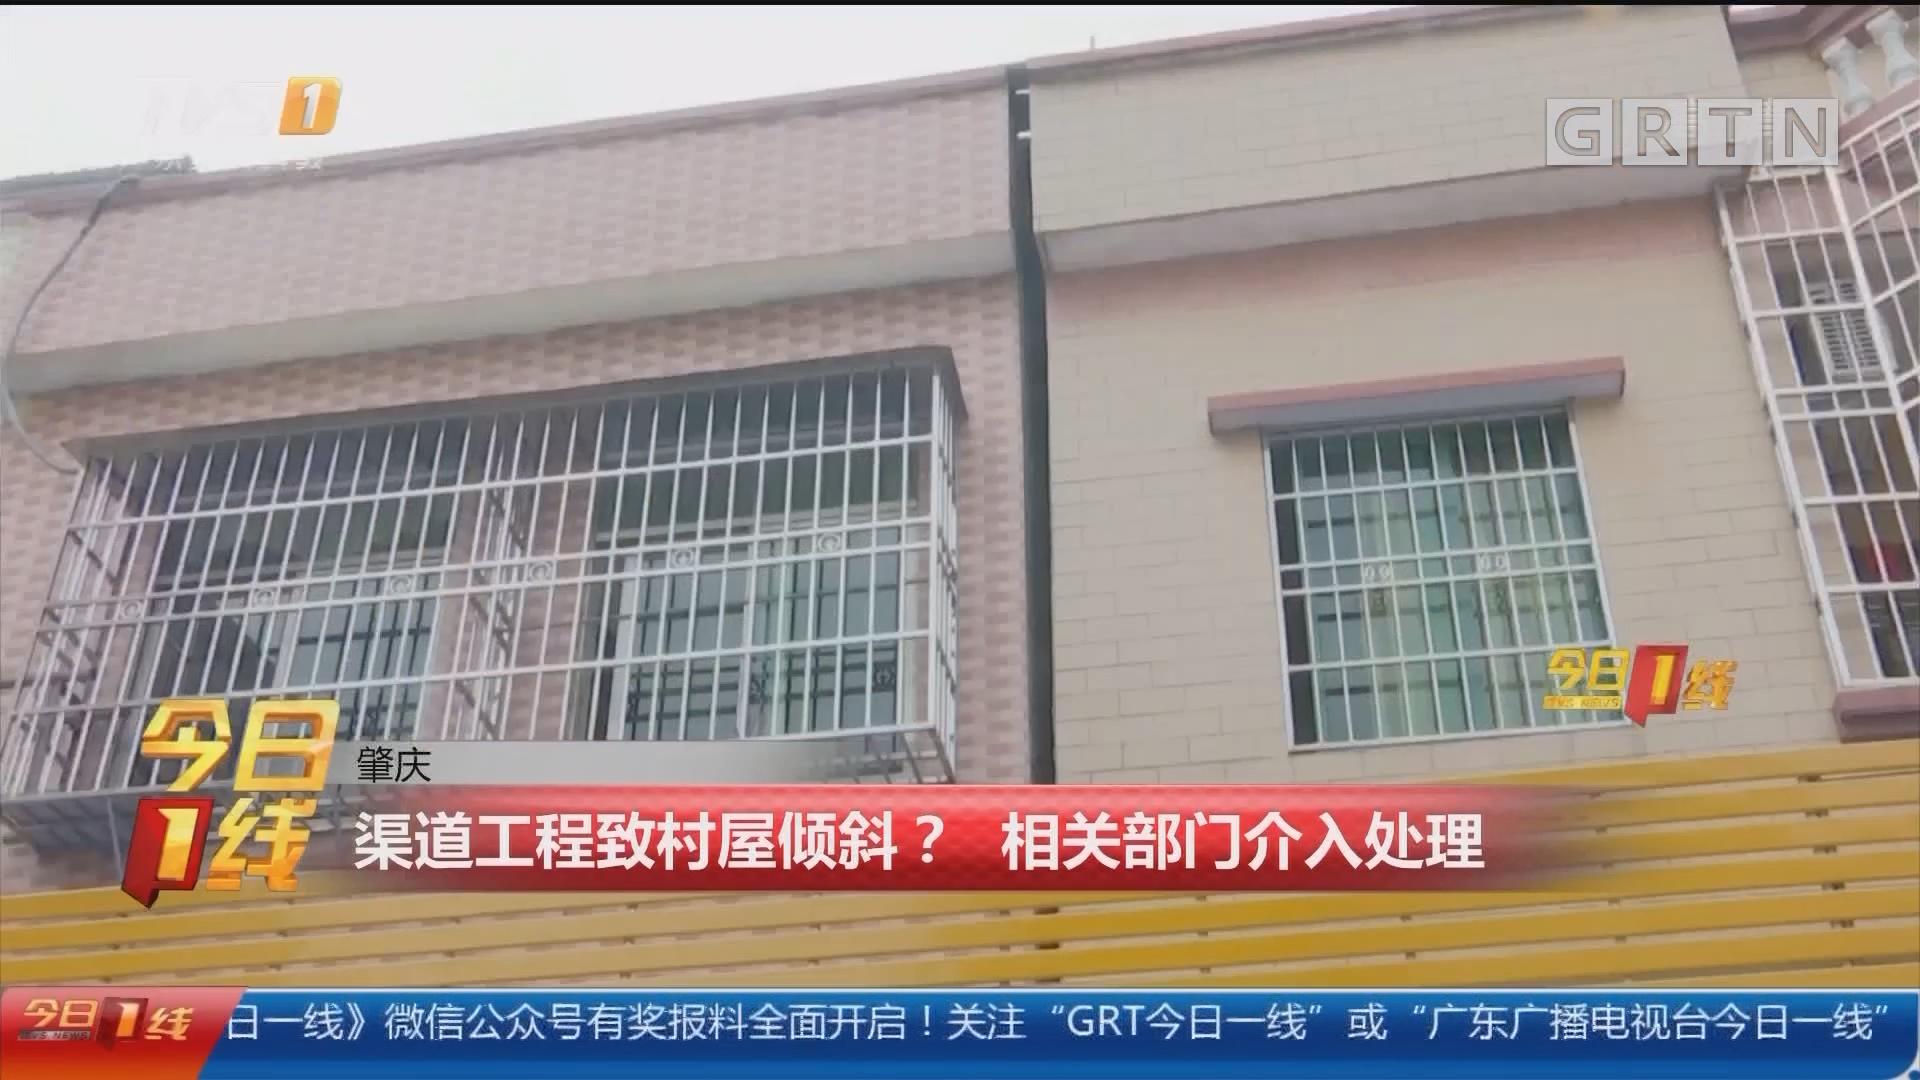 肇庆:渠道工程致村屋倾斜? 相关部门介入处理